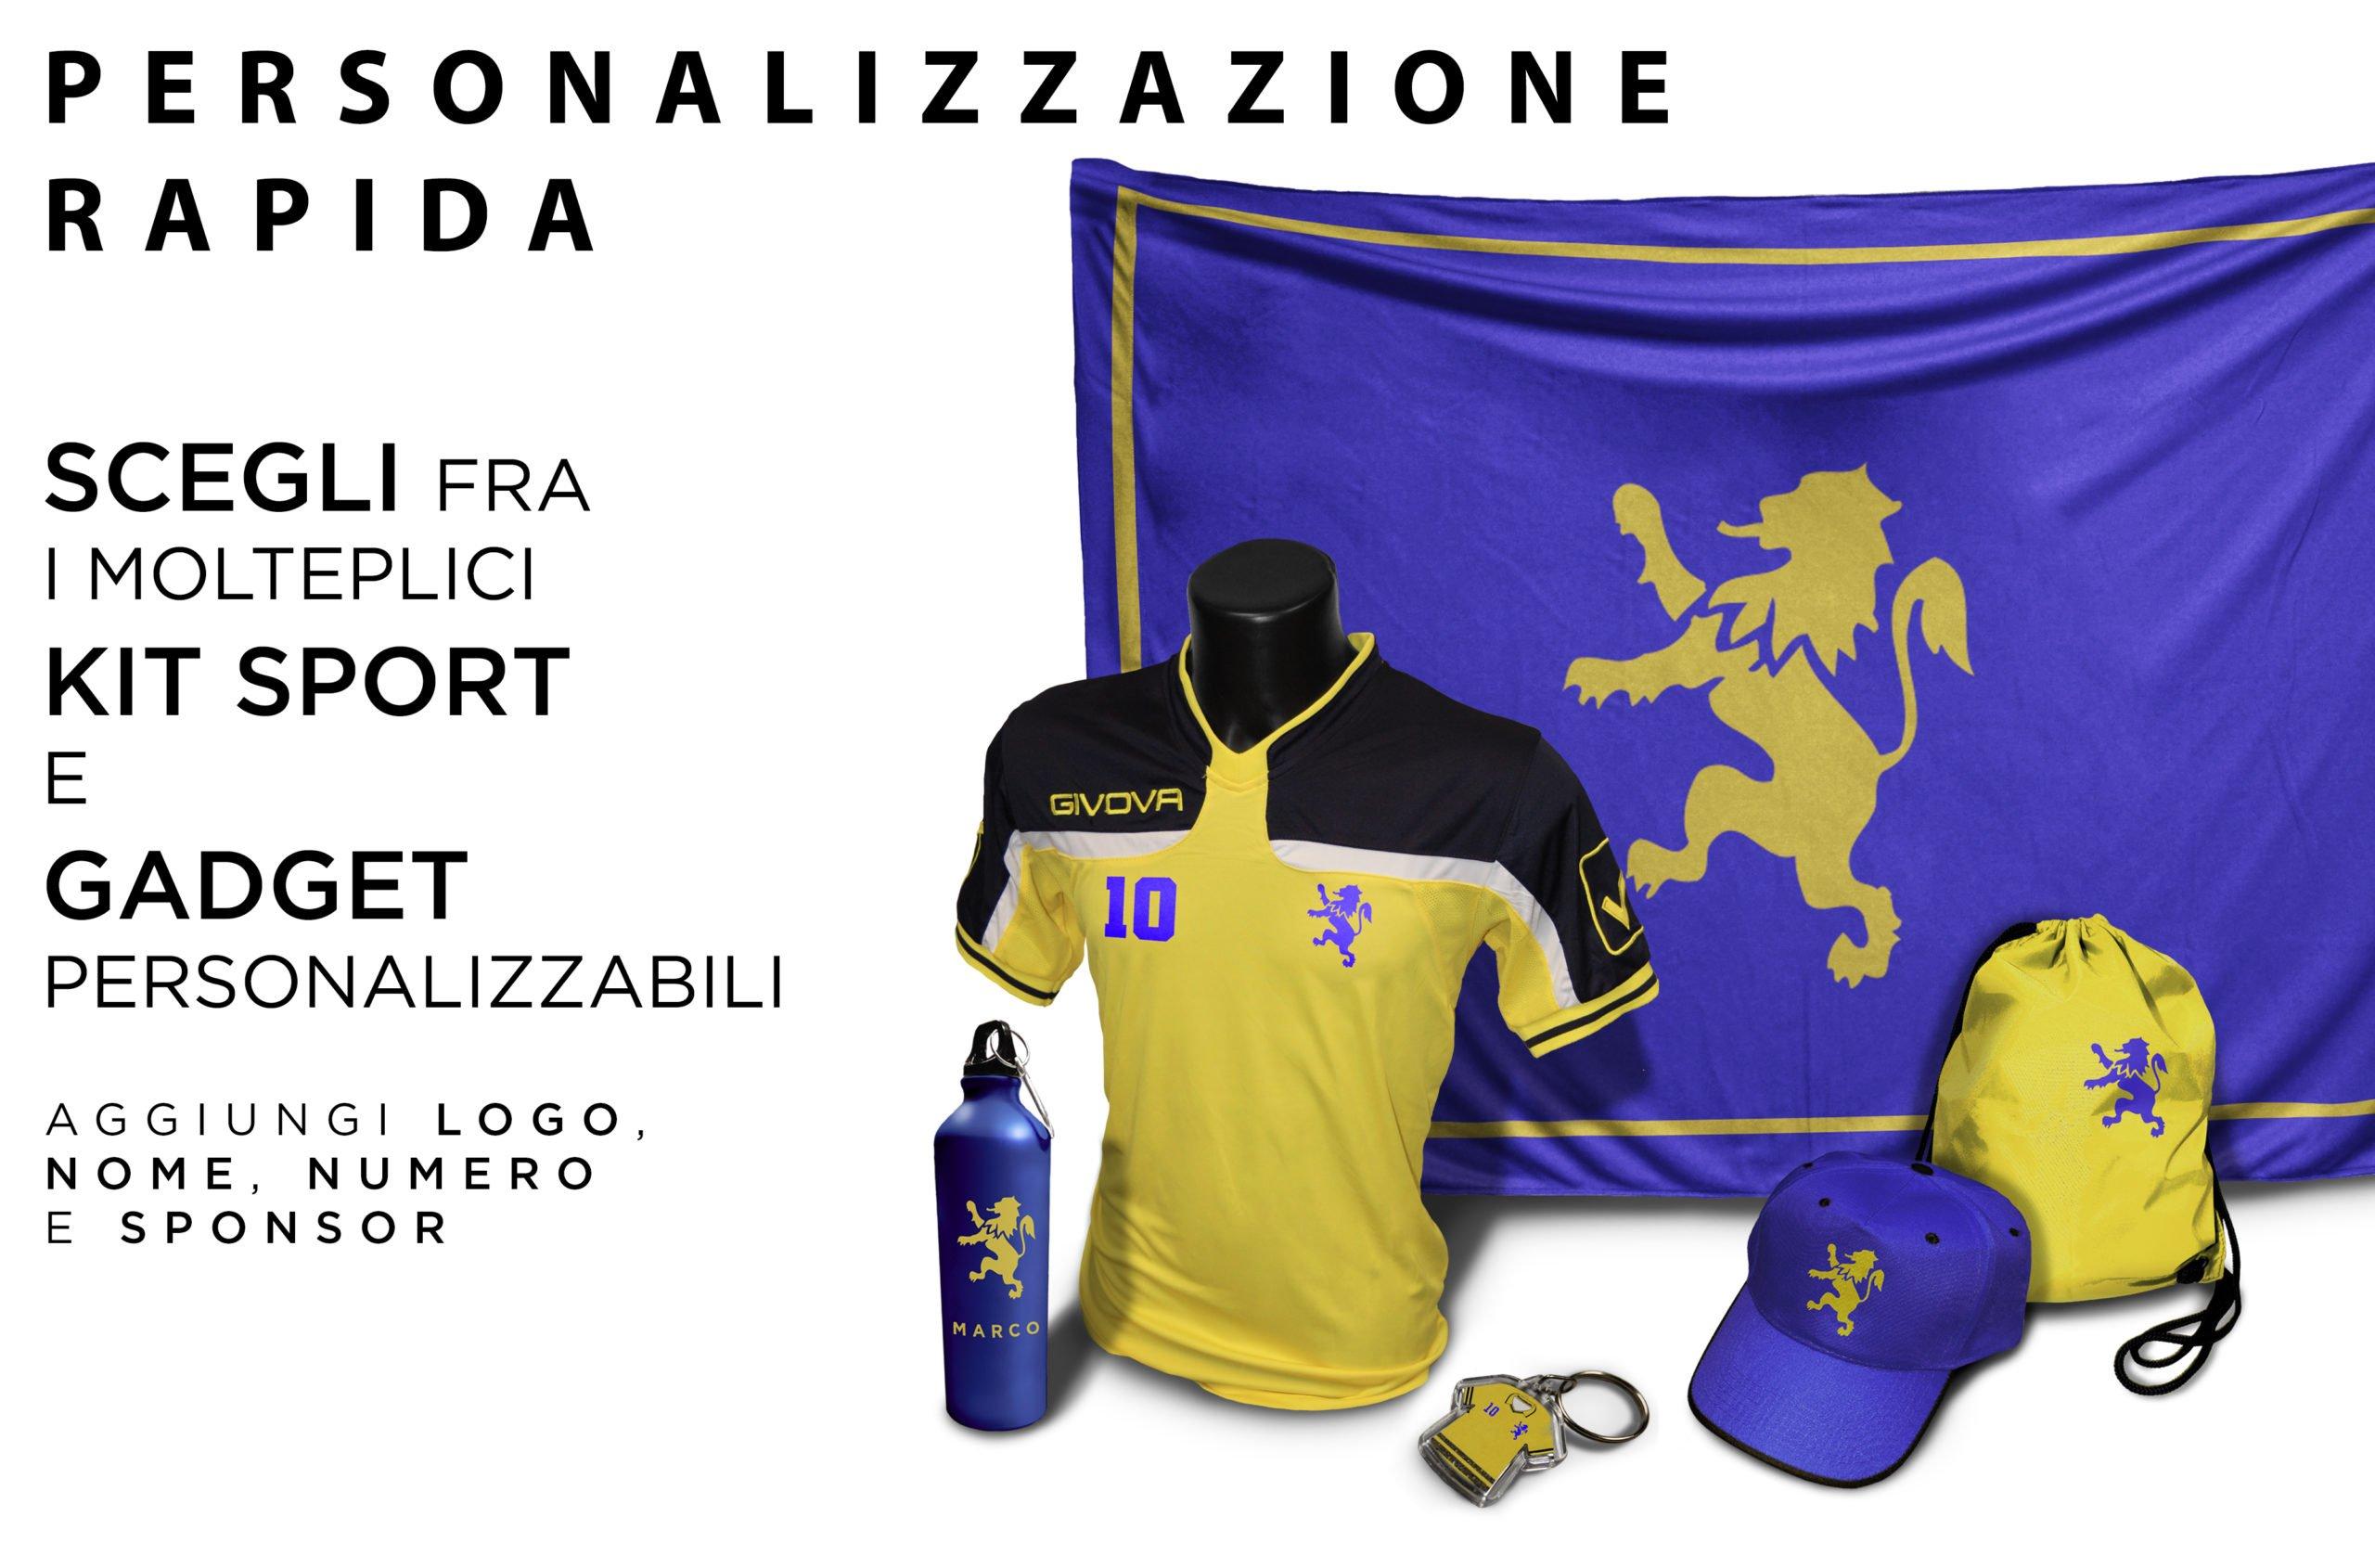 Personalizzazione kit e accessori